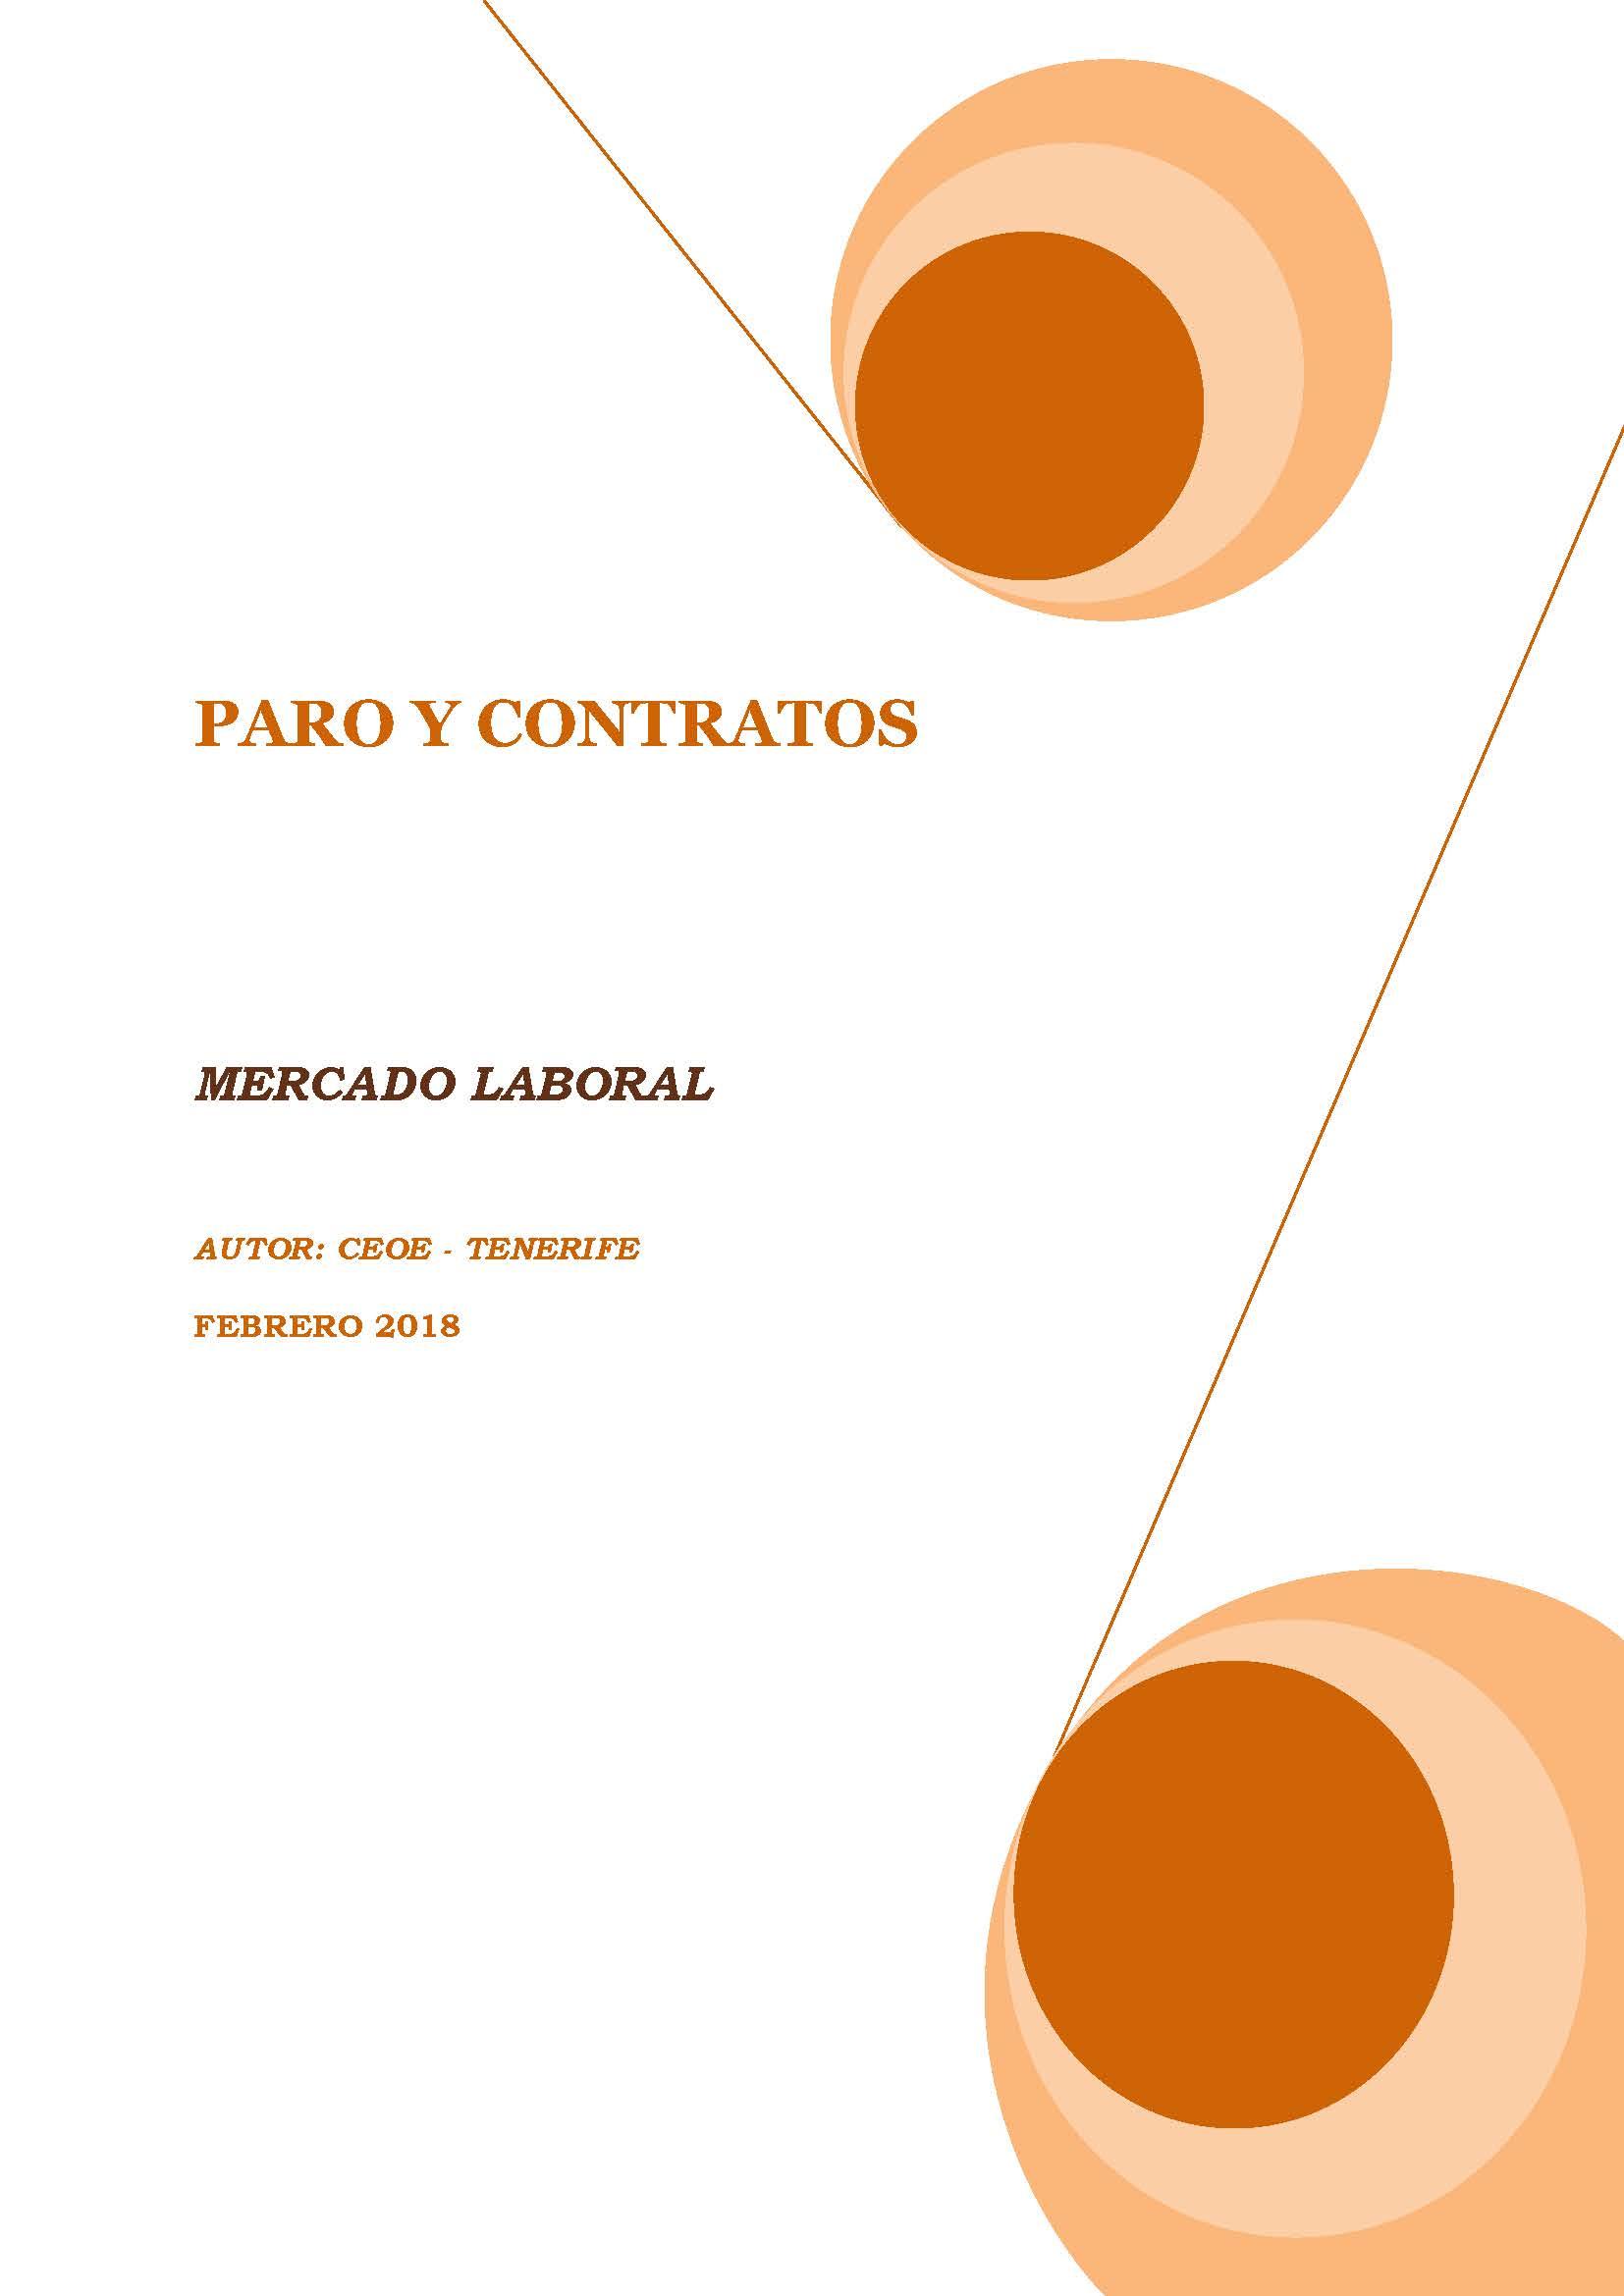 MERCADO LABORAL - PARO Y CONTRATOS FEBRERO 2018